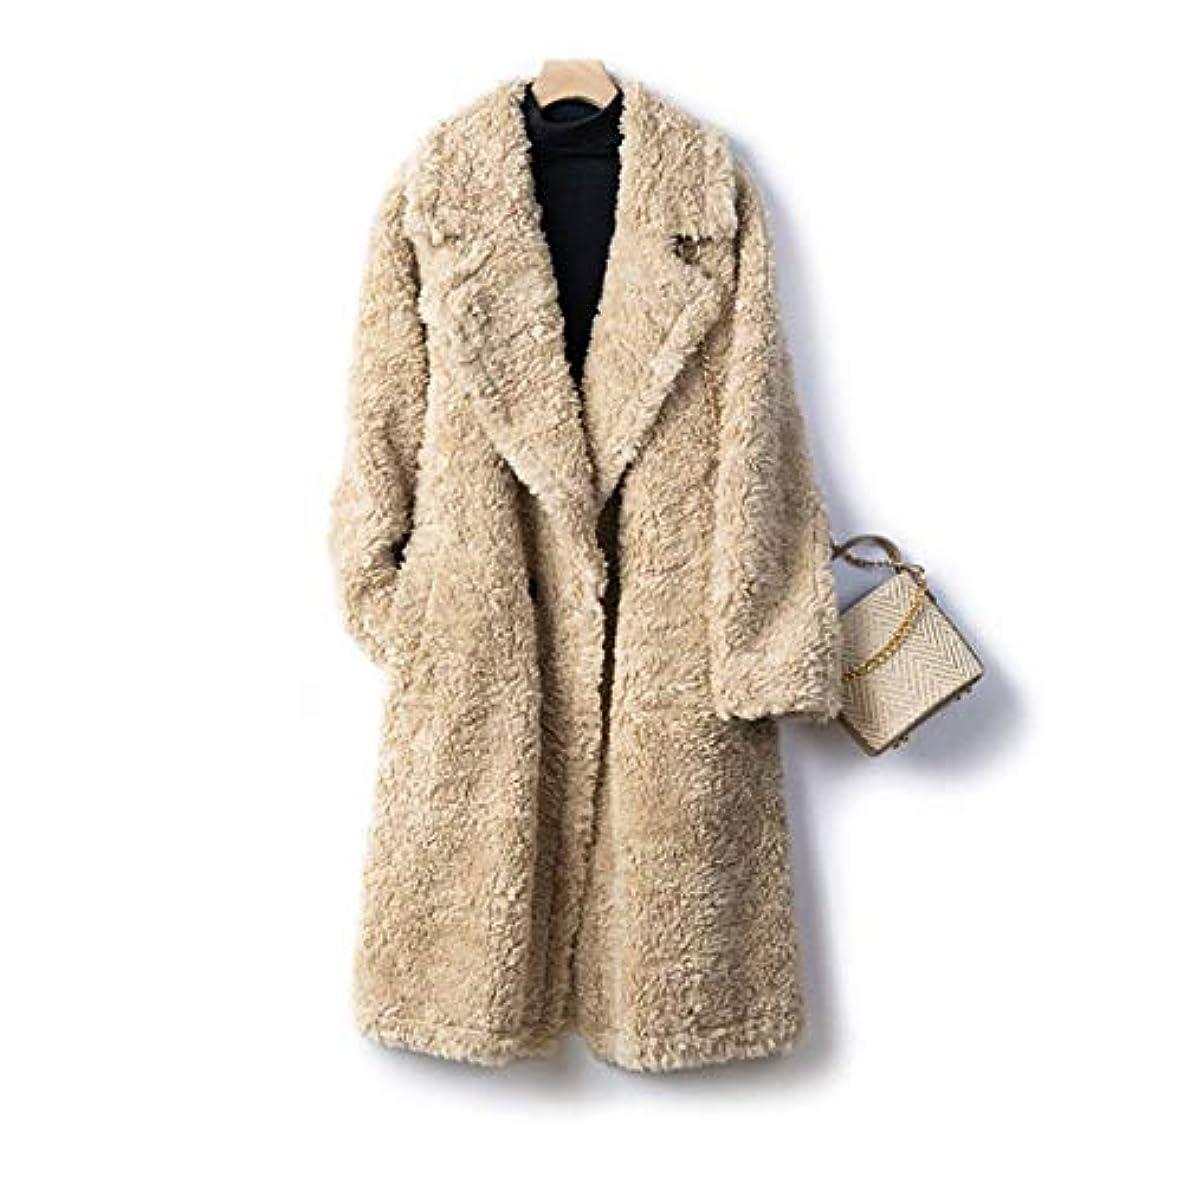 引用ブルゴーニュ圧縮する厚いウールのコート、女性のコートレディースウインドブレーカージャケット厚い羊のせん断顆粒ロングコートの女性のウールコート19秋と冬の婦人服,A,M